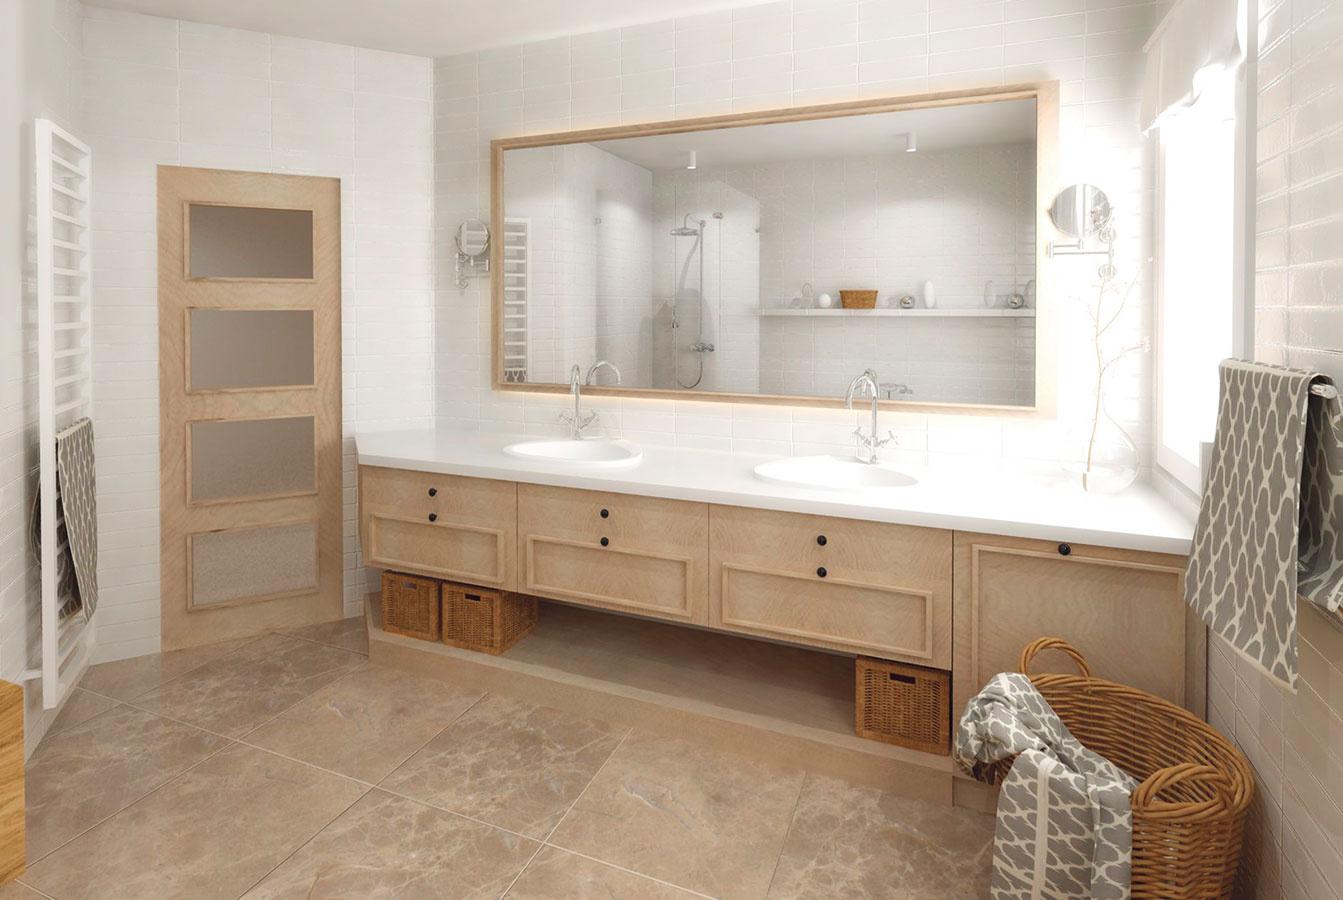 Skrinka sumývadlami dlhá tri metre poskytuje dostatok úložného priestoru, aj keď prvé zásuvky musia byť pre umiestnenie umývadiel plytšie.